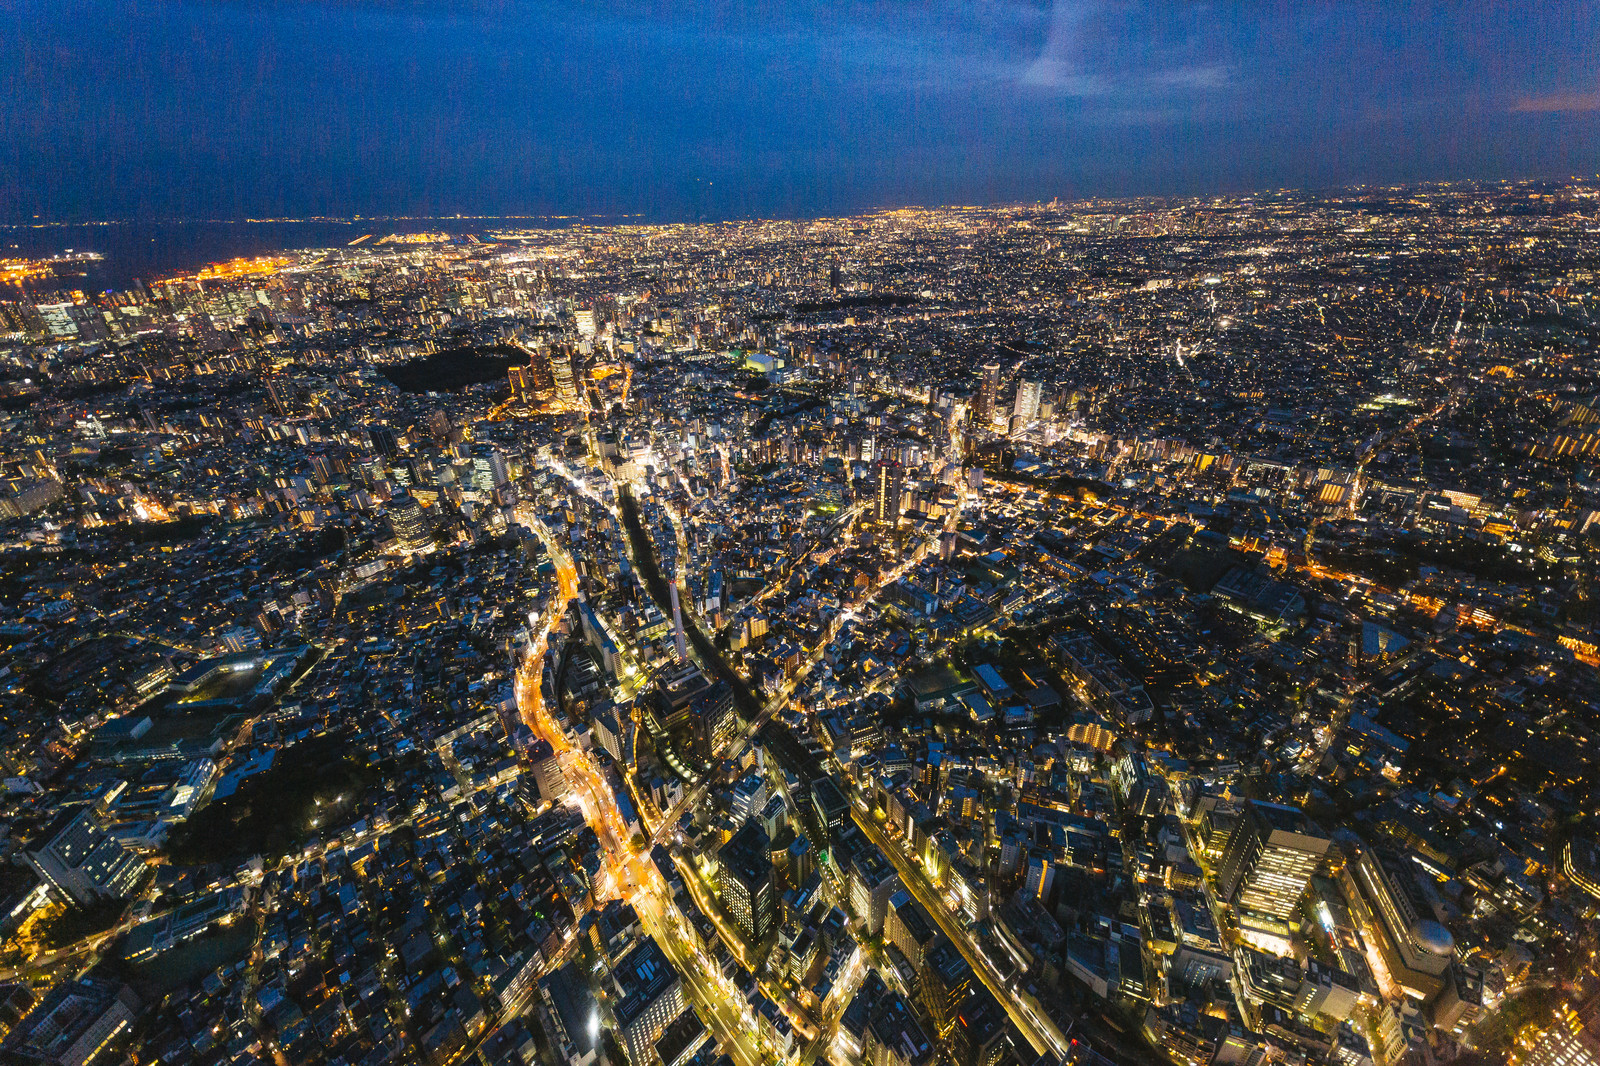 「東京都心の夜景(ヘリコプターから空撮)」